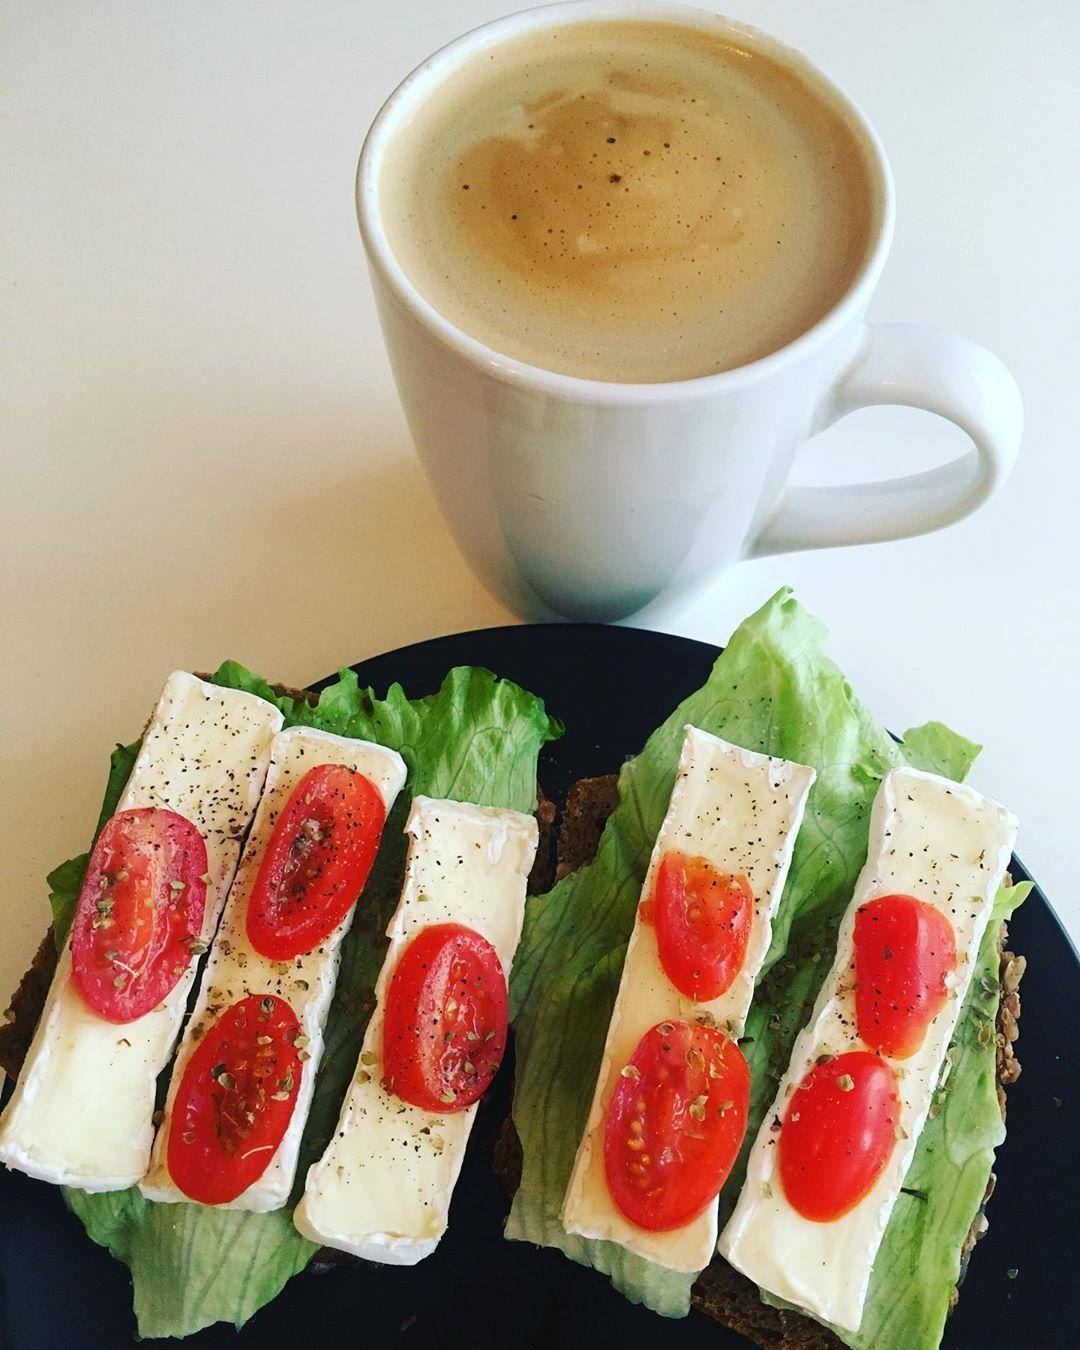 Witam Was kochani ze swoim kolorowym śniadaniem🥪Kanapki przygotowałam serkiem camembert, sałatą oraz pomidorkami koktajlowymi, a do tego kawka😋#sniadanie#zdrowesniadanie #kanapkinaśniadanie#zdrowekanapeczki#zdroweodżywianie#zdrowejedzenie#pysznosci#breakfast#coffeetime#sandwiches#healtysandwich#healthybreakfast#healthyfood#healthylifestyle#food#foodporn#instafood#foodphotography#foodstagram#l4l#f4f#haveaniceday👊